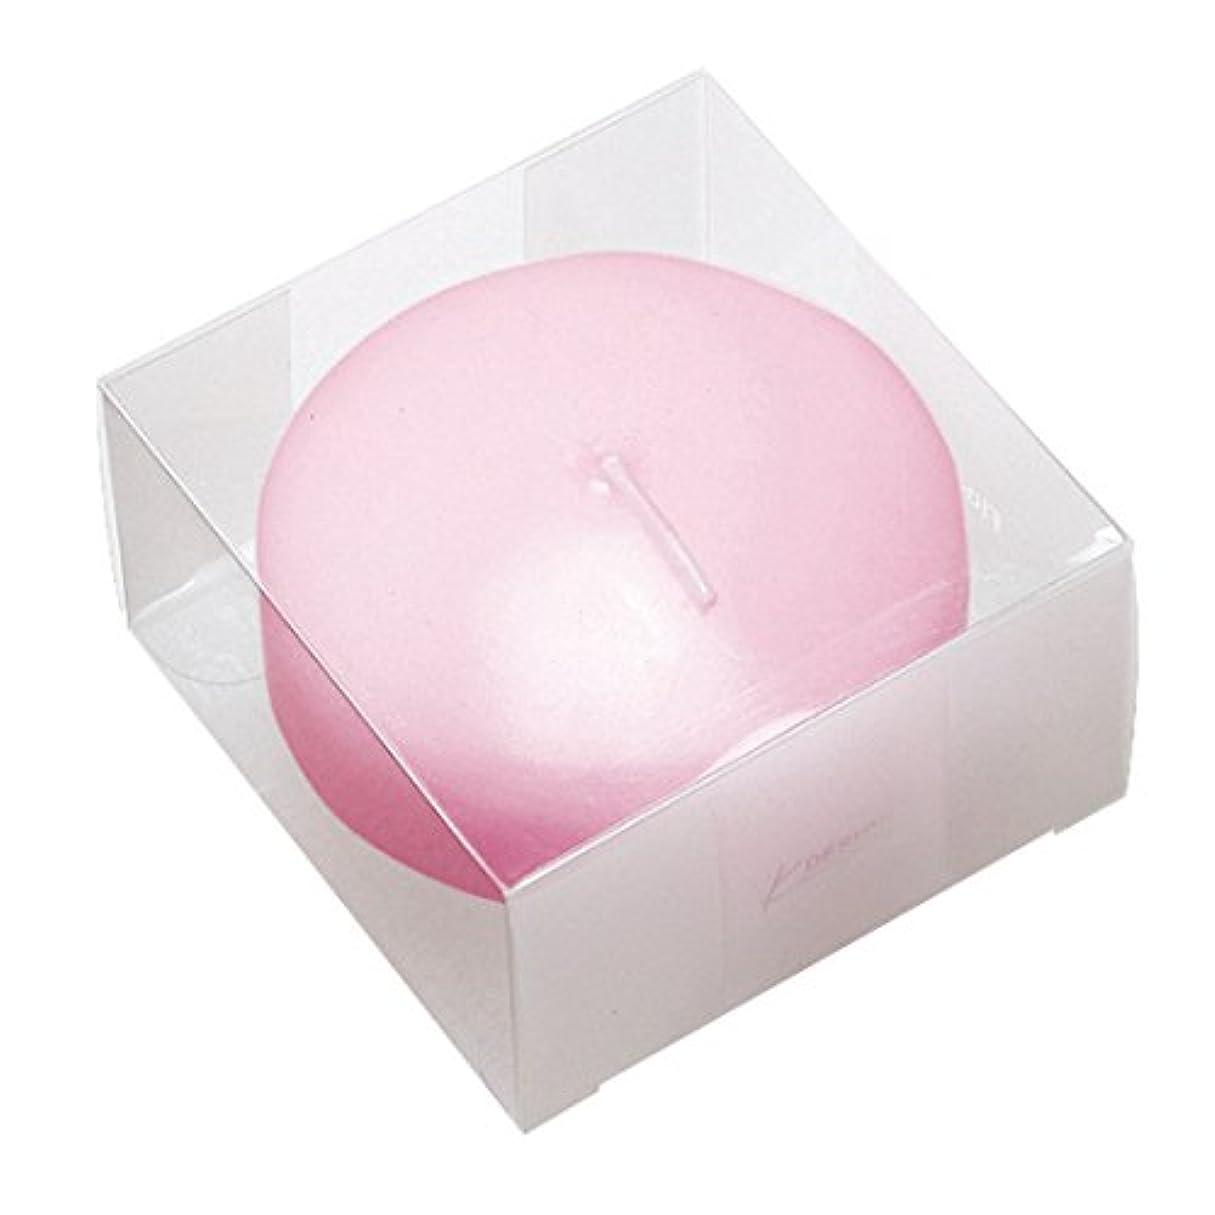 ほこりデコレーションに同意するプール80(箱入り) 「 ピンク 」